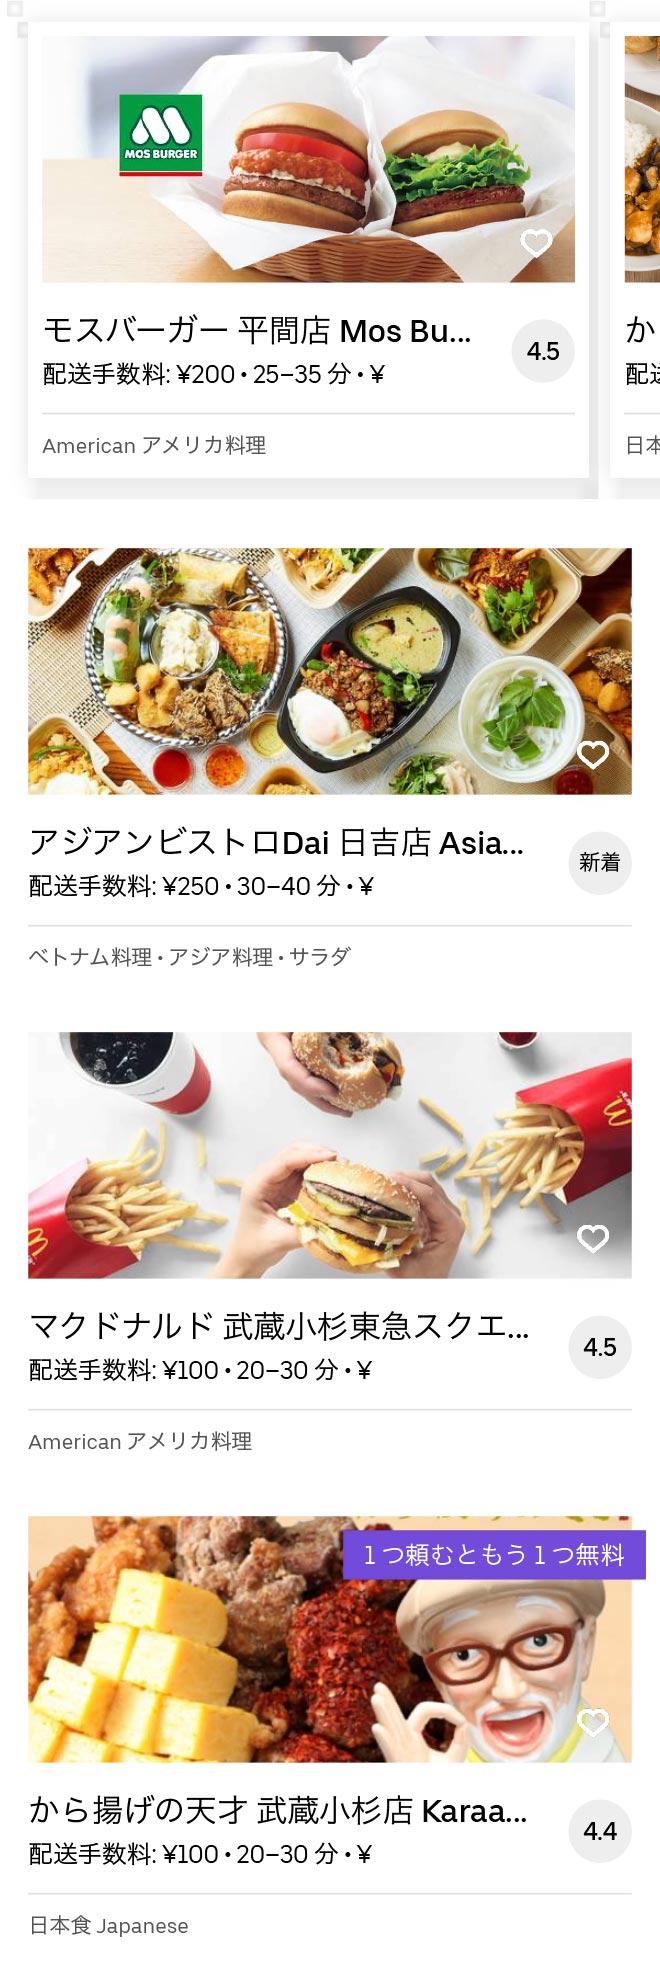 Musashikosugi menu 2004 02